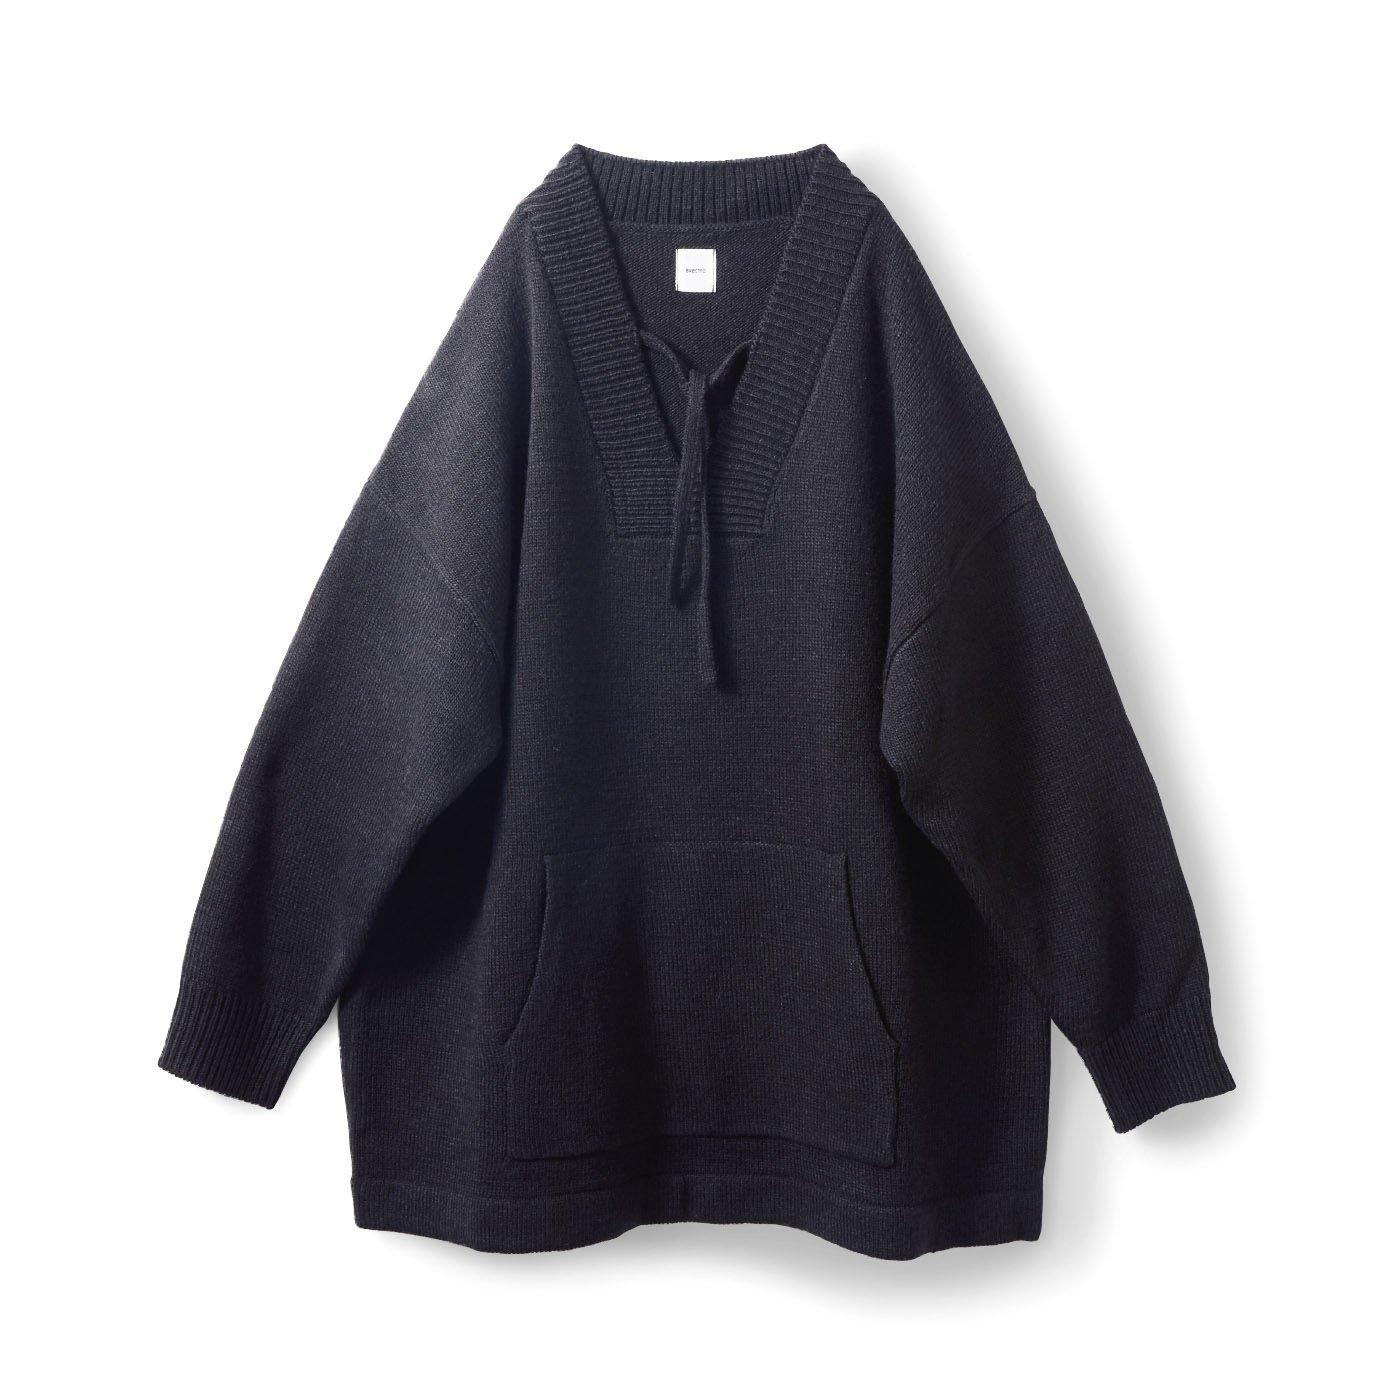 アヴェクモワ Vネックセーター〈ブラック〉